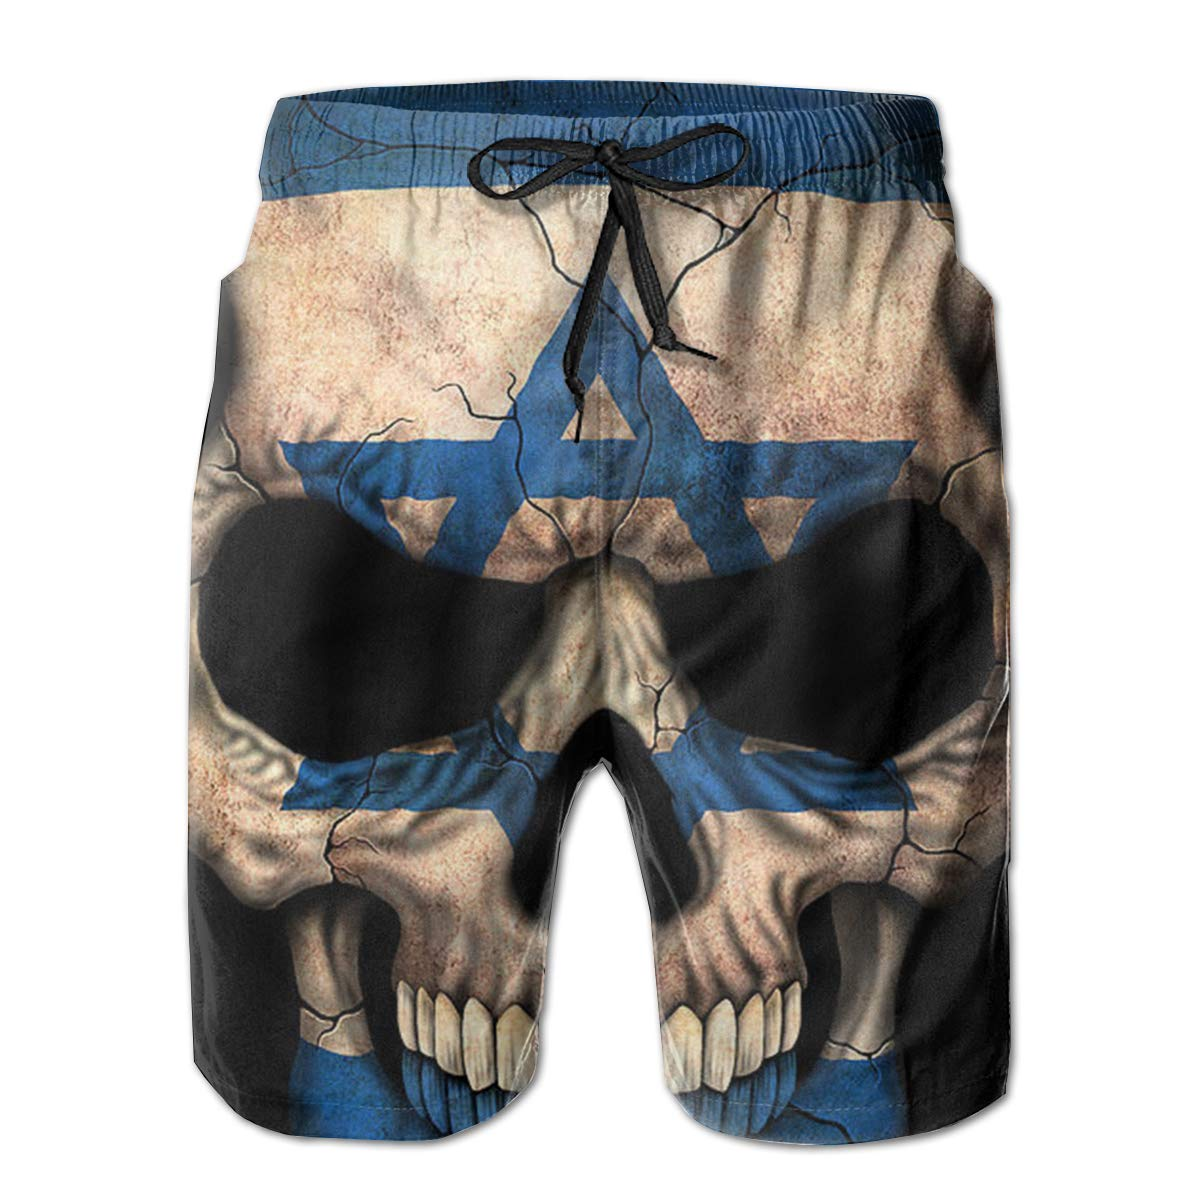 K-Dark Israeli Flag Skull Mens Summer Surf Board Short Swim Trunks Bathing Suit